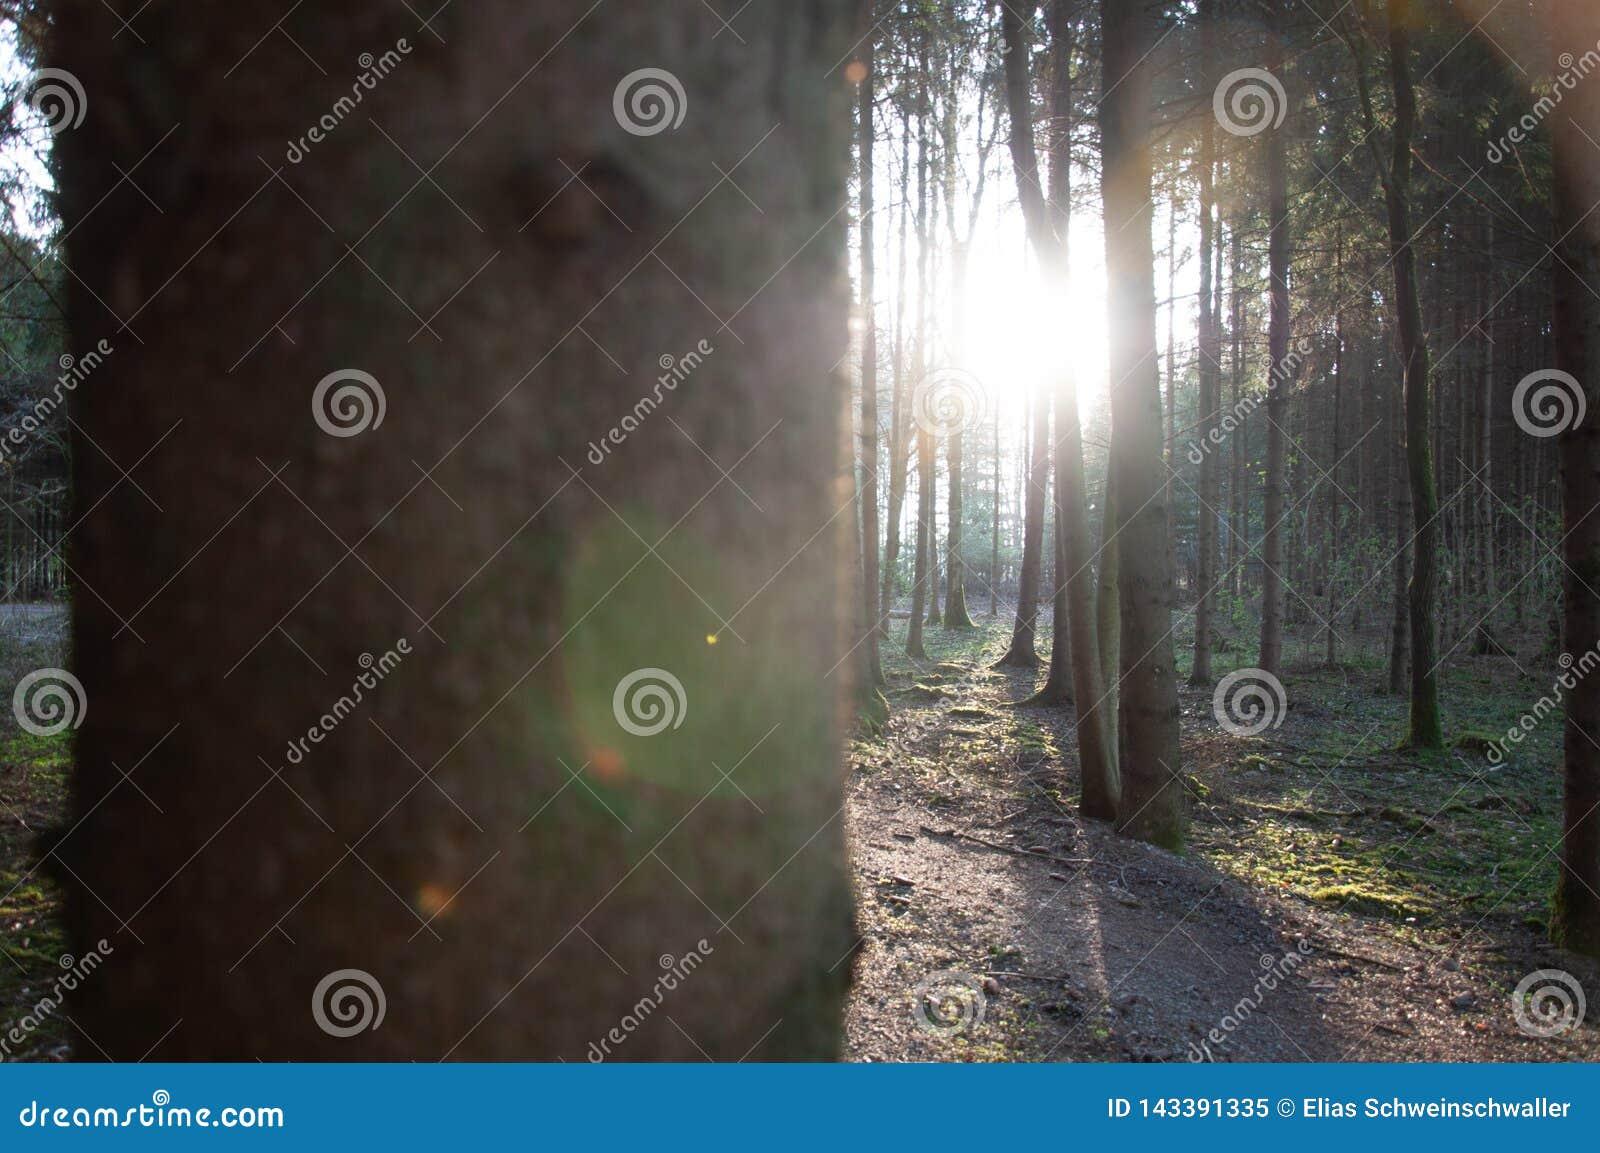 Fotografieren der Sonne hinter vielen Bäumen